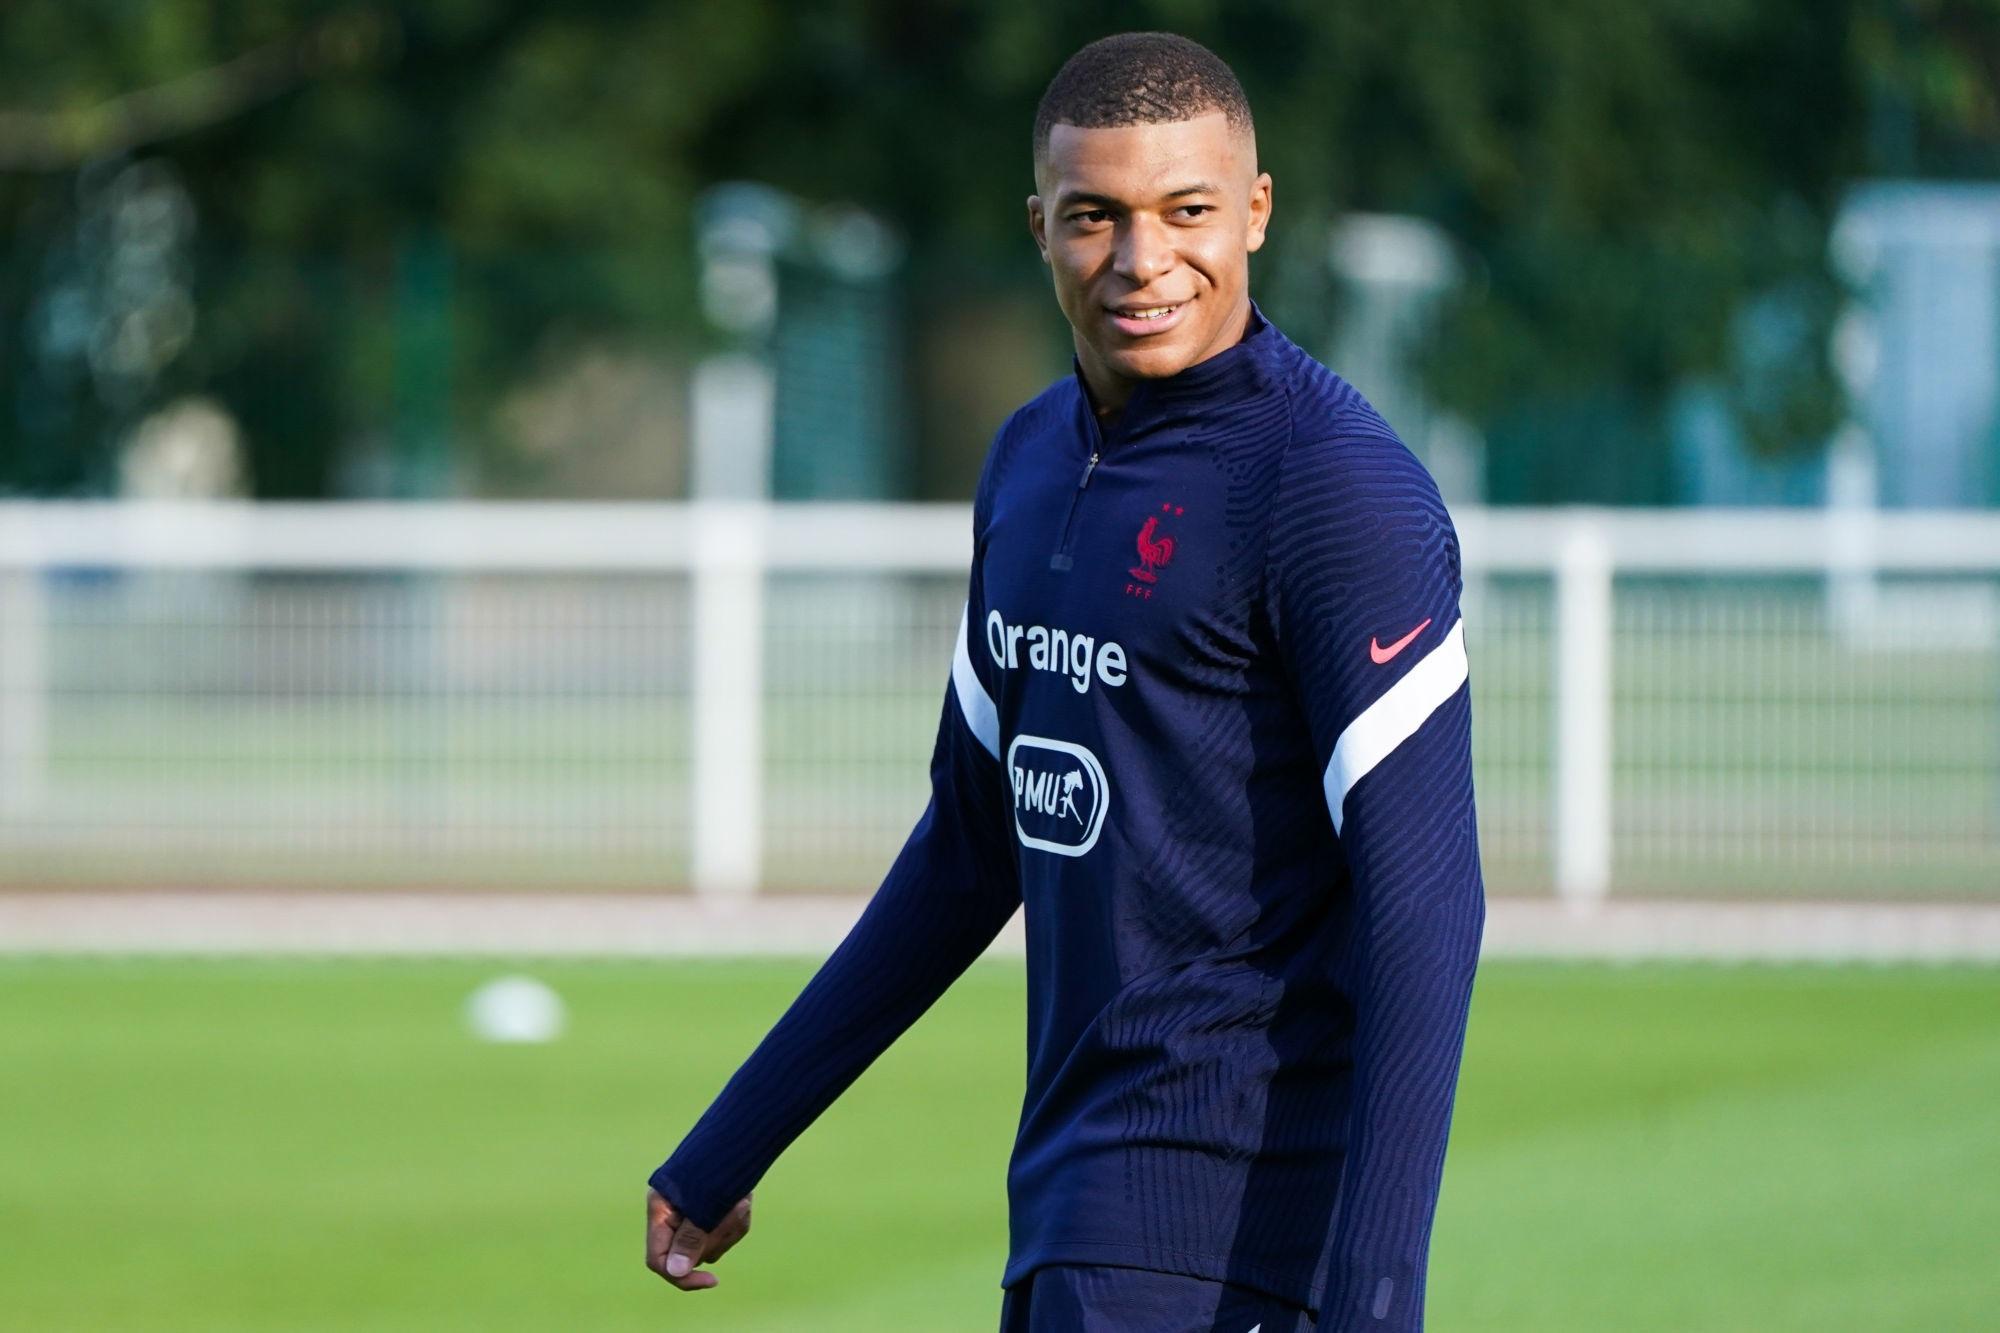 Suède/France - L'équipe de Bleus selon la presse : Kimpembe et Mbappé titulaires